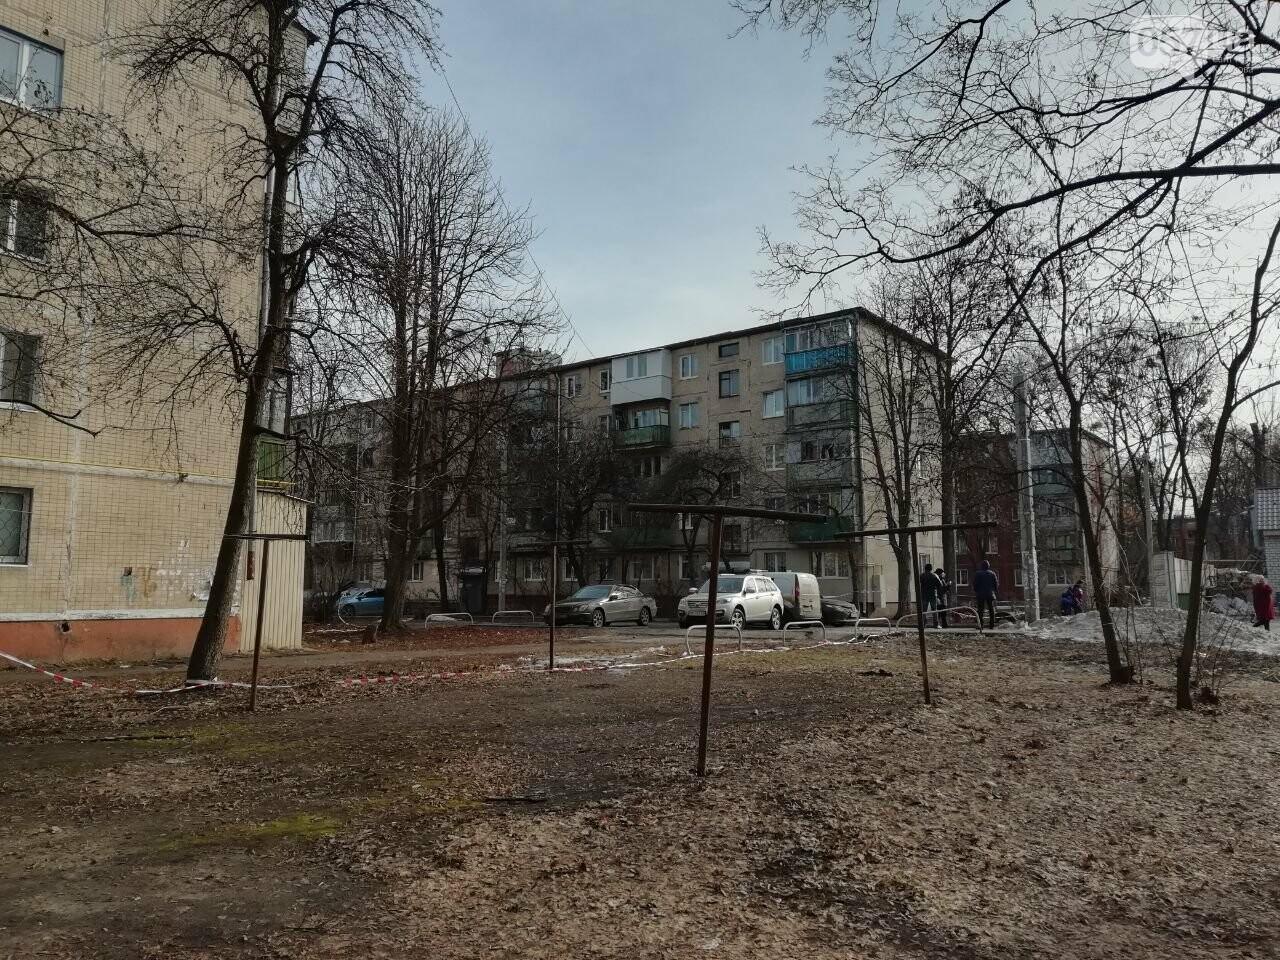 Выстрелы возле дома и неизвестные в масках: что рассказали жители о стрельбе на Московском проспекте, - ФОТО, фото-11